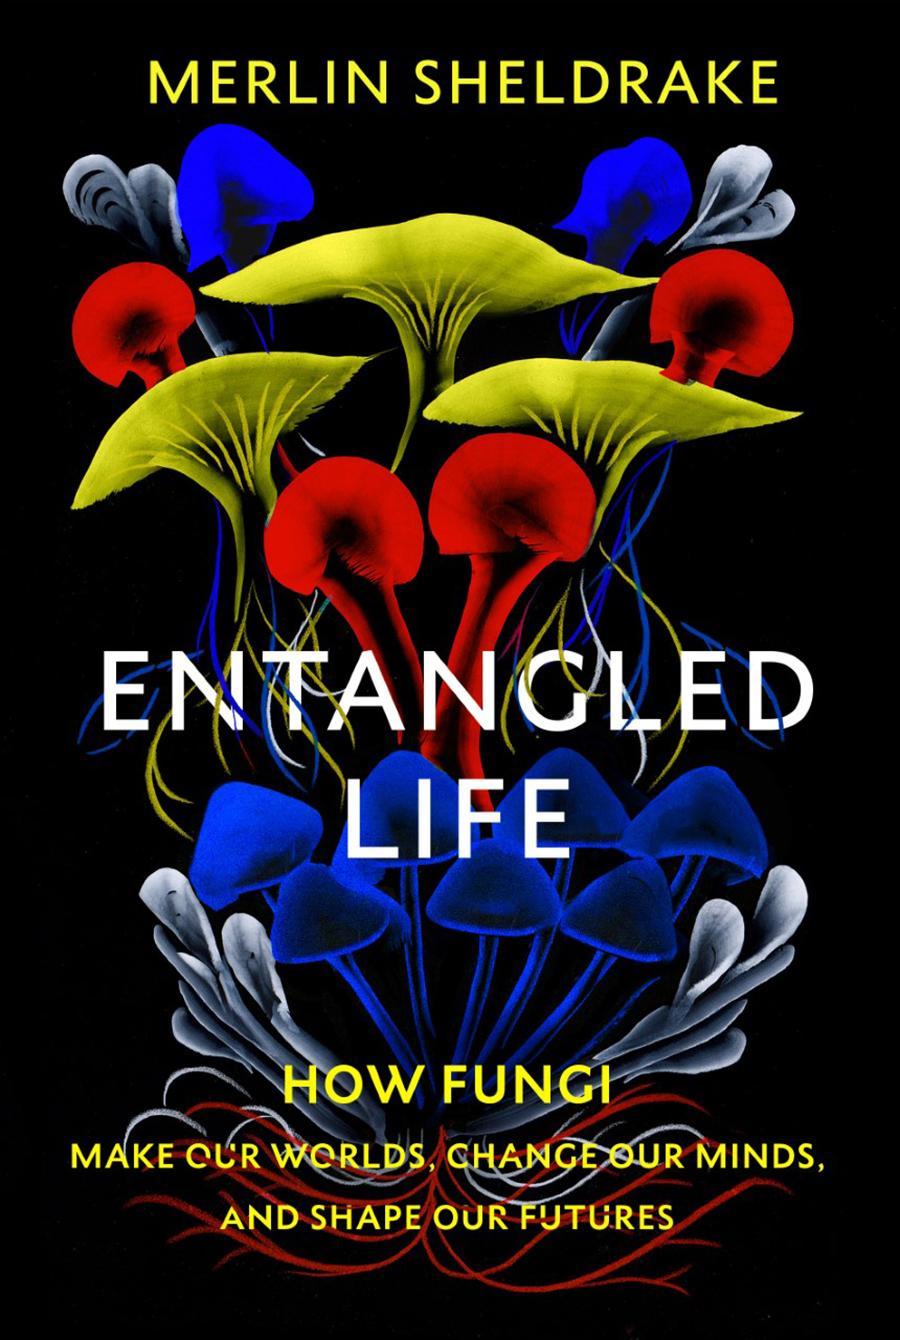 entangled-life-merlin-sheldrake